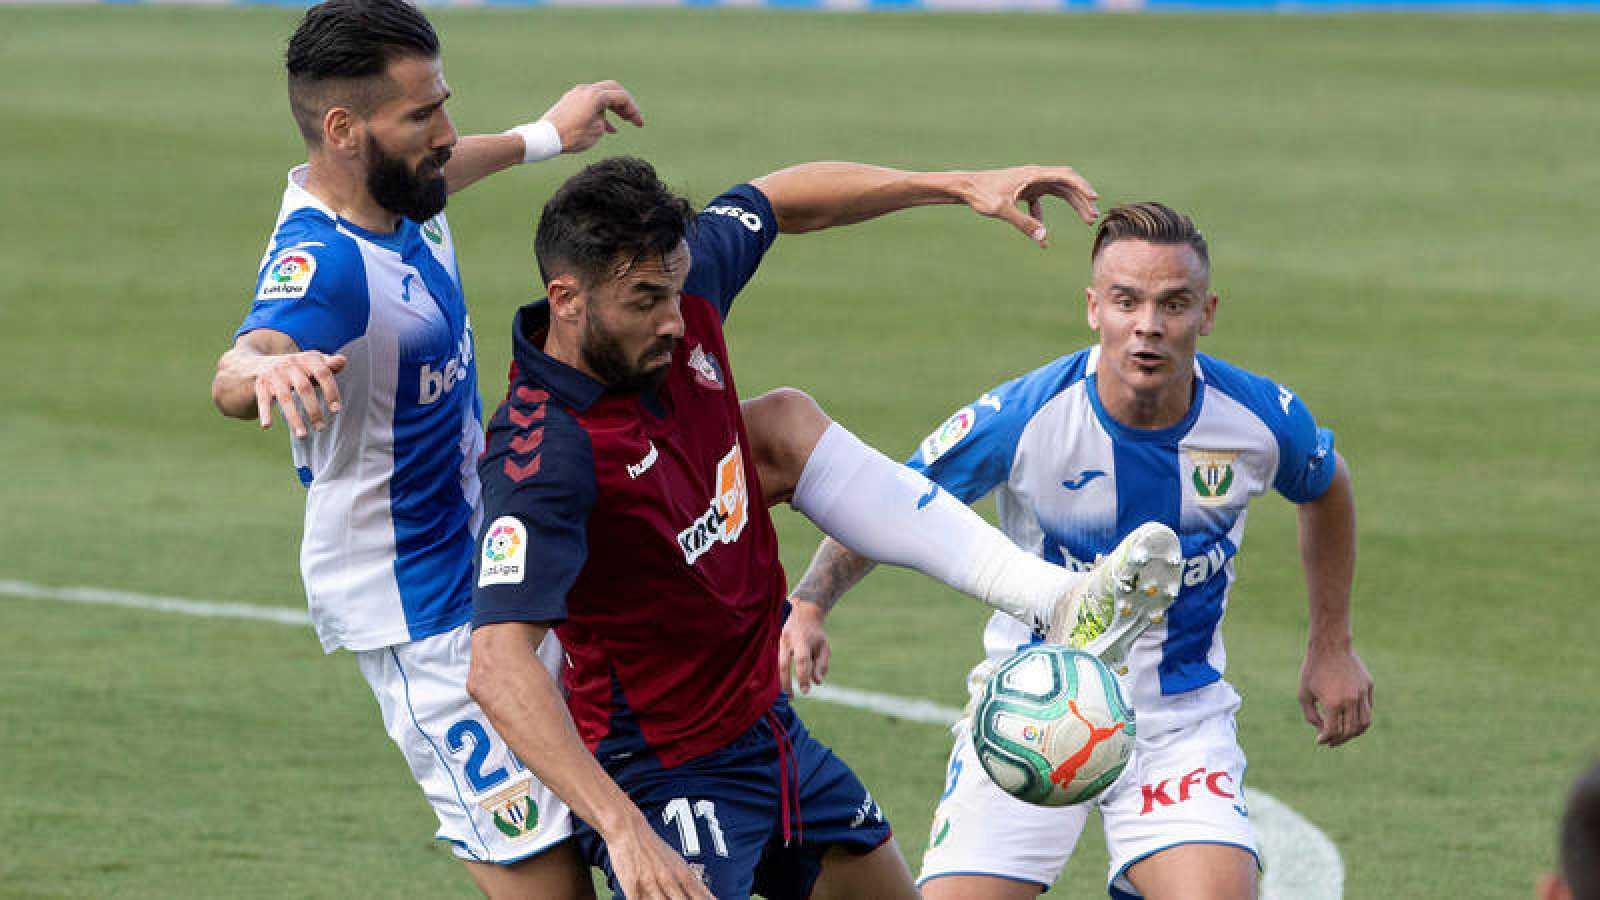 El jugador del Osasuna Enric Gallego (c) disputa un balón con el defensa griego del Leganés, Siovas, y con Roque Mesa (dcha).